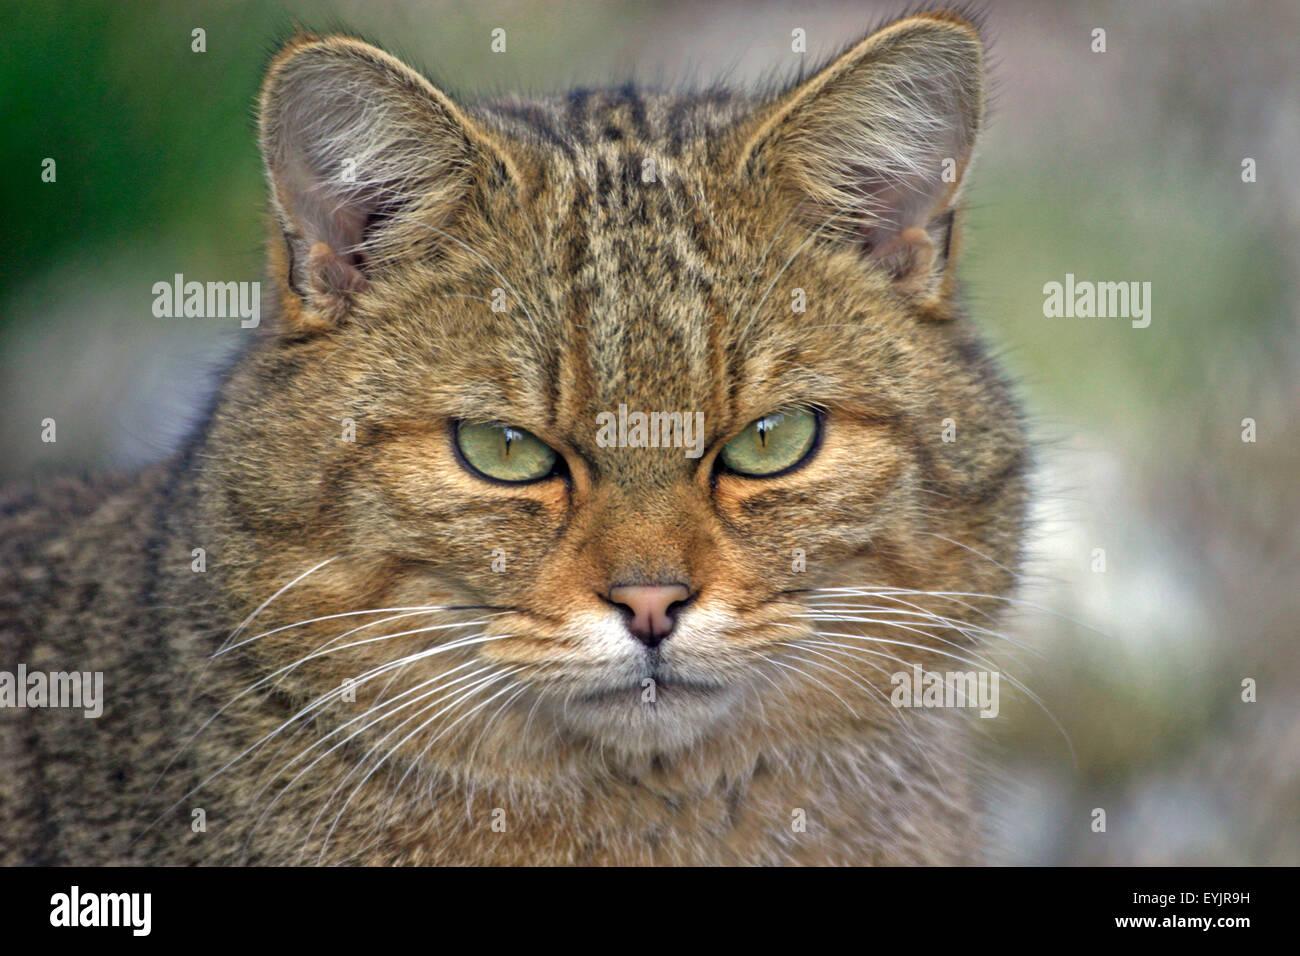 Europaeische Wildkatze,Portraet|European Wildcat portrait, closeup - Stock Image